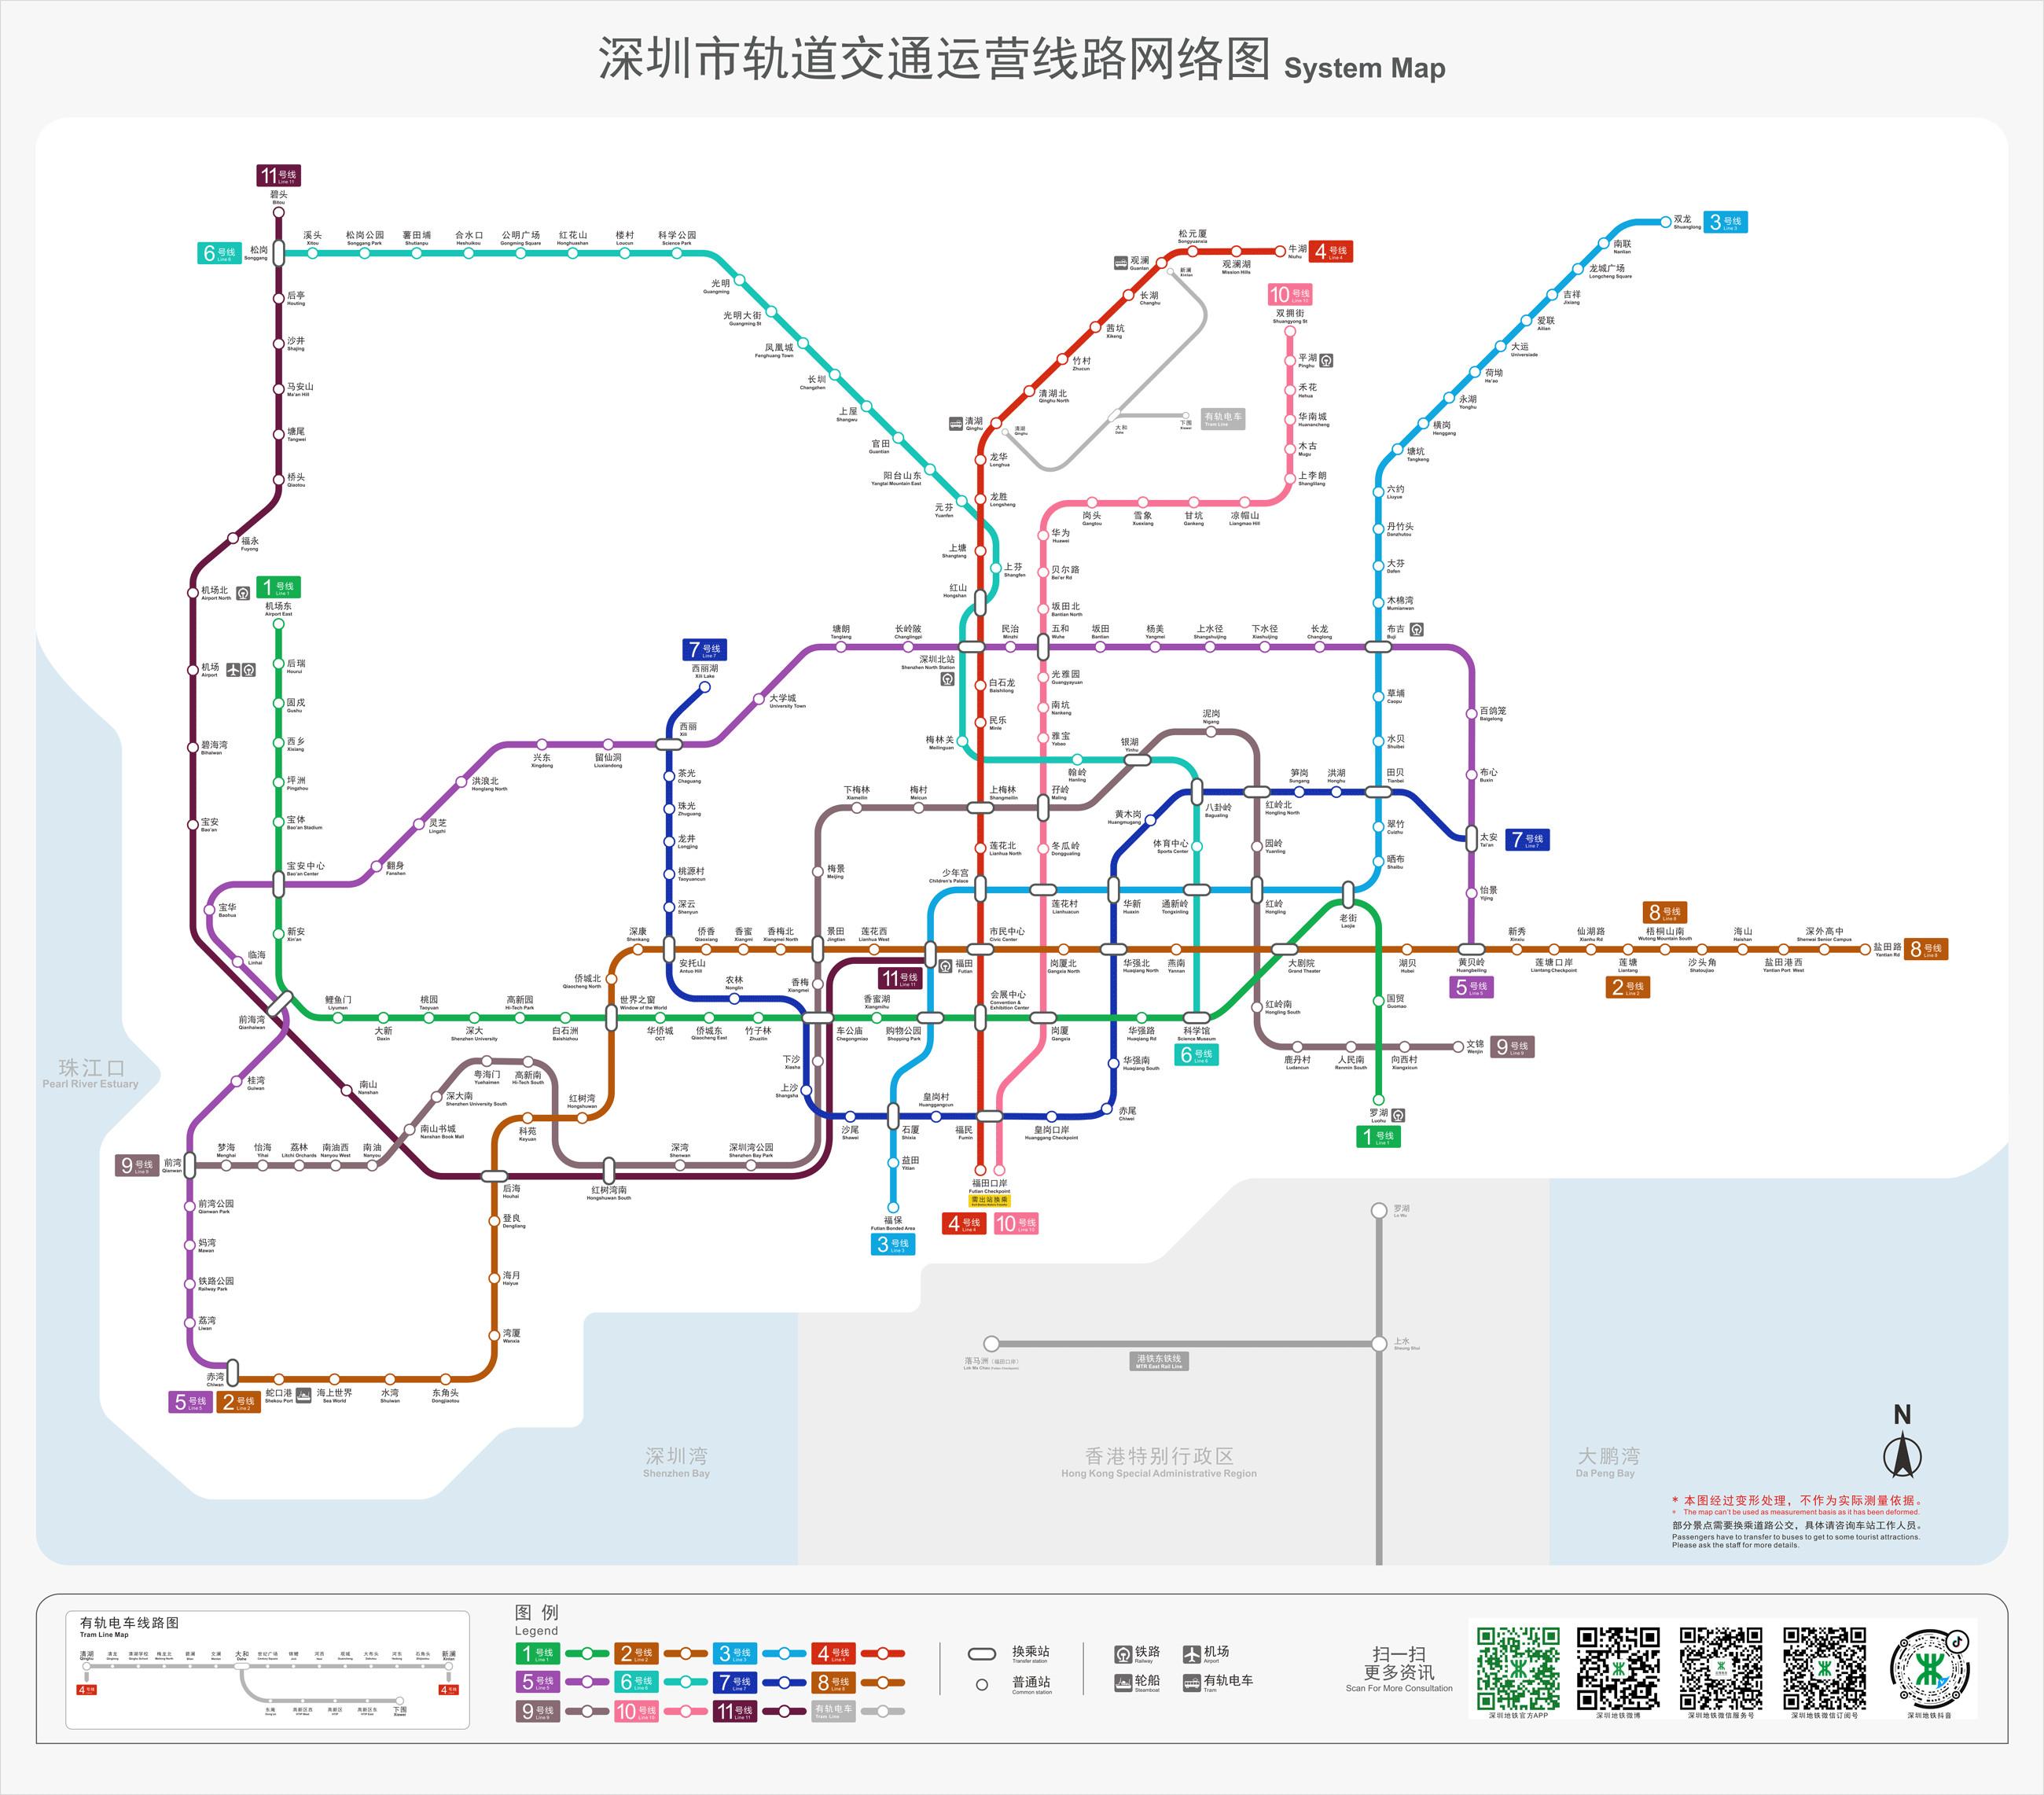 上海交通地图区域划分